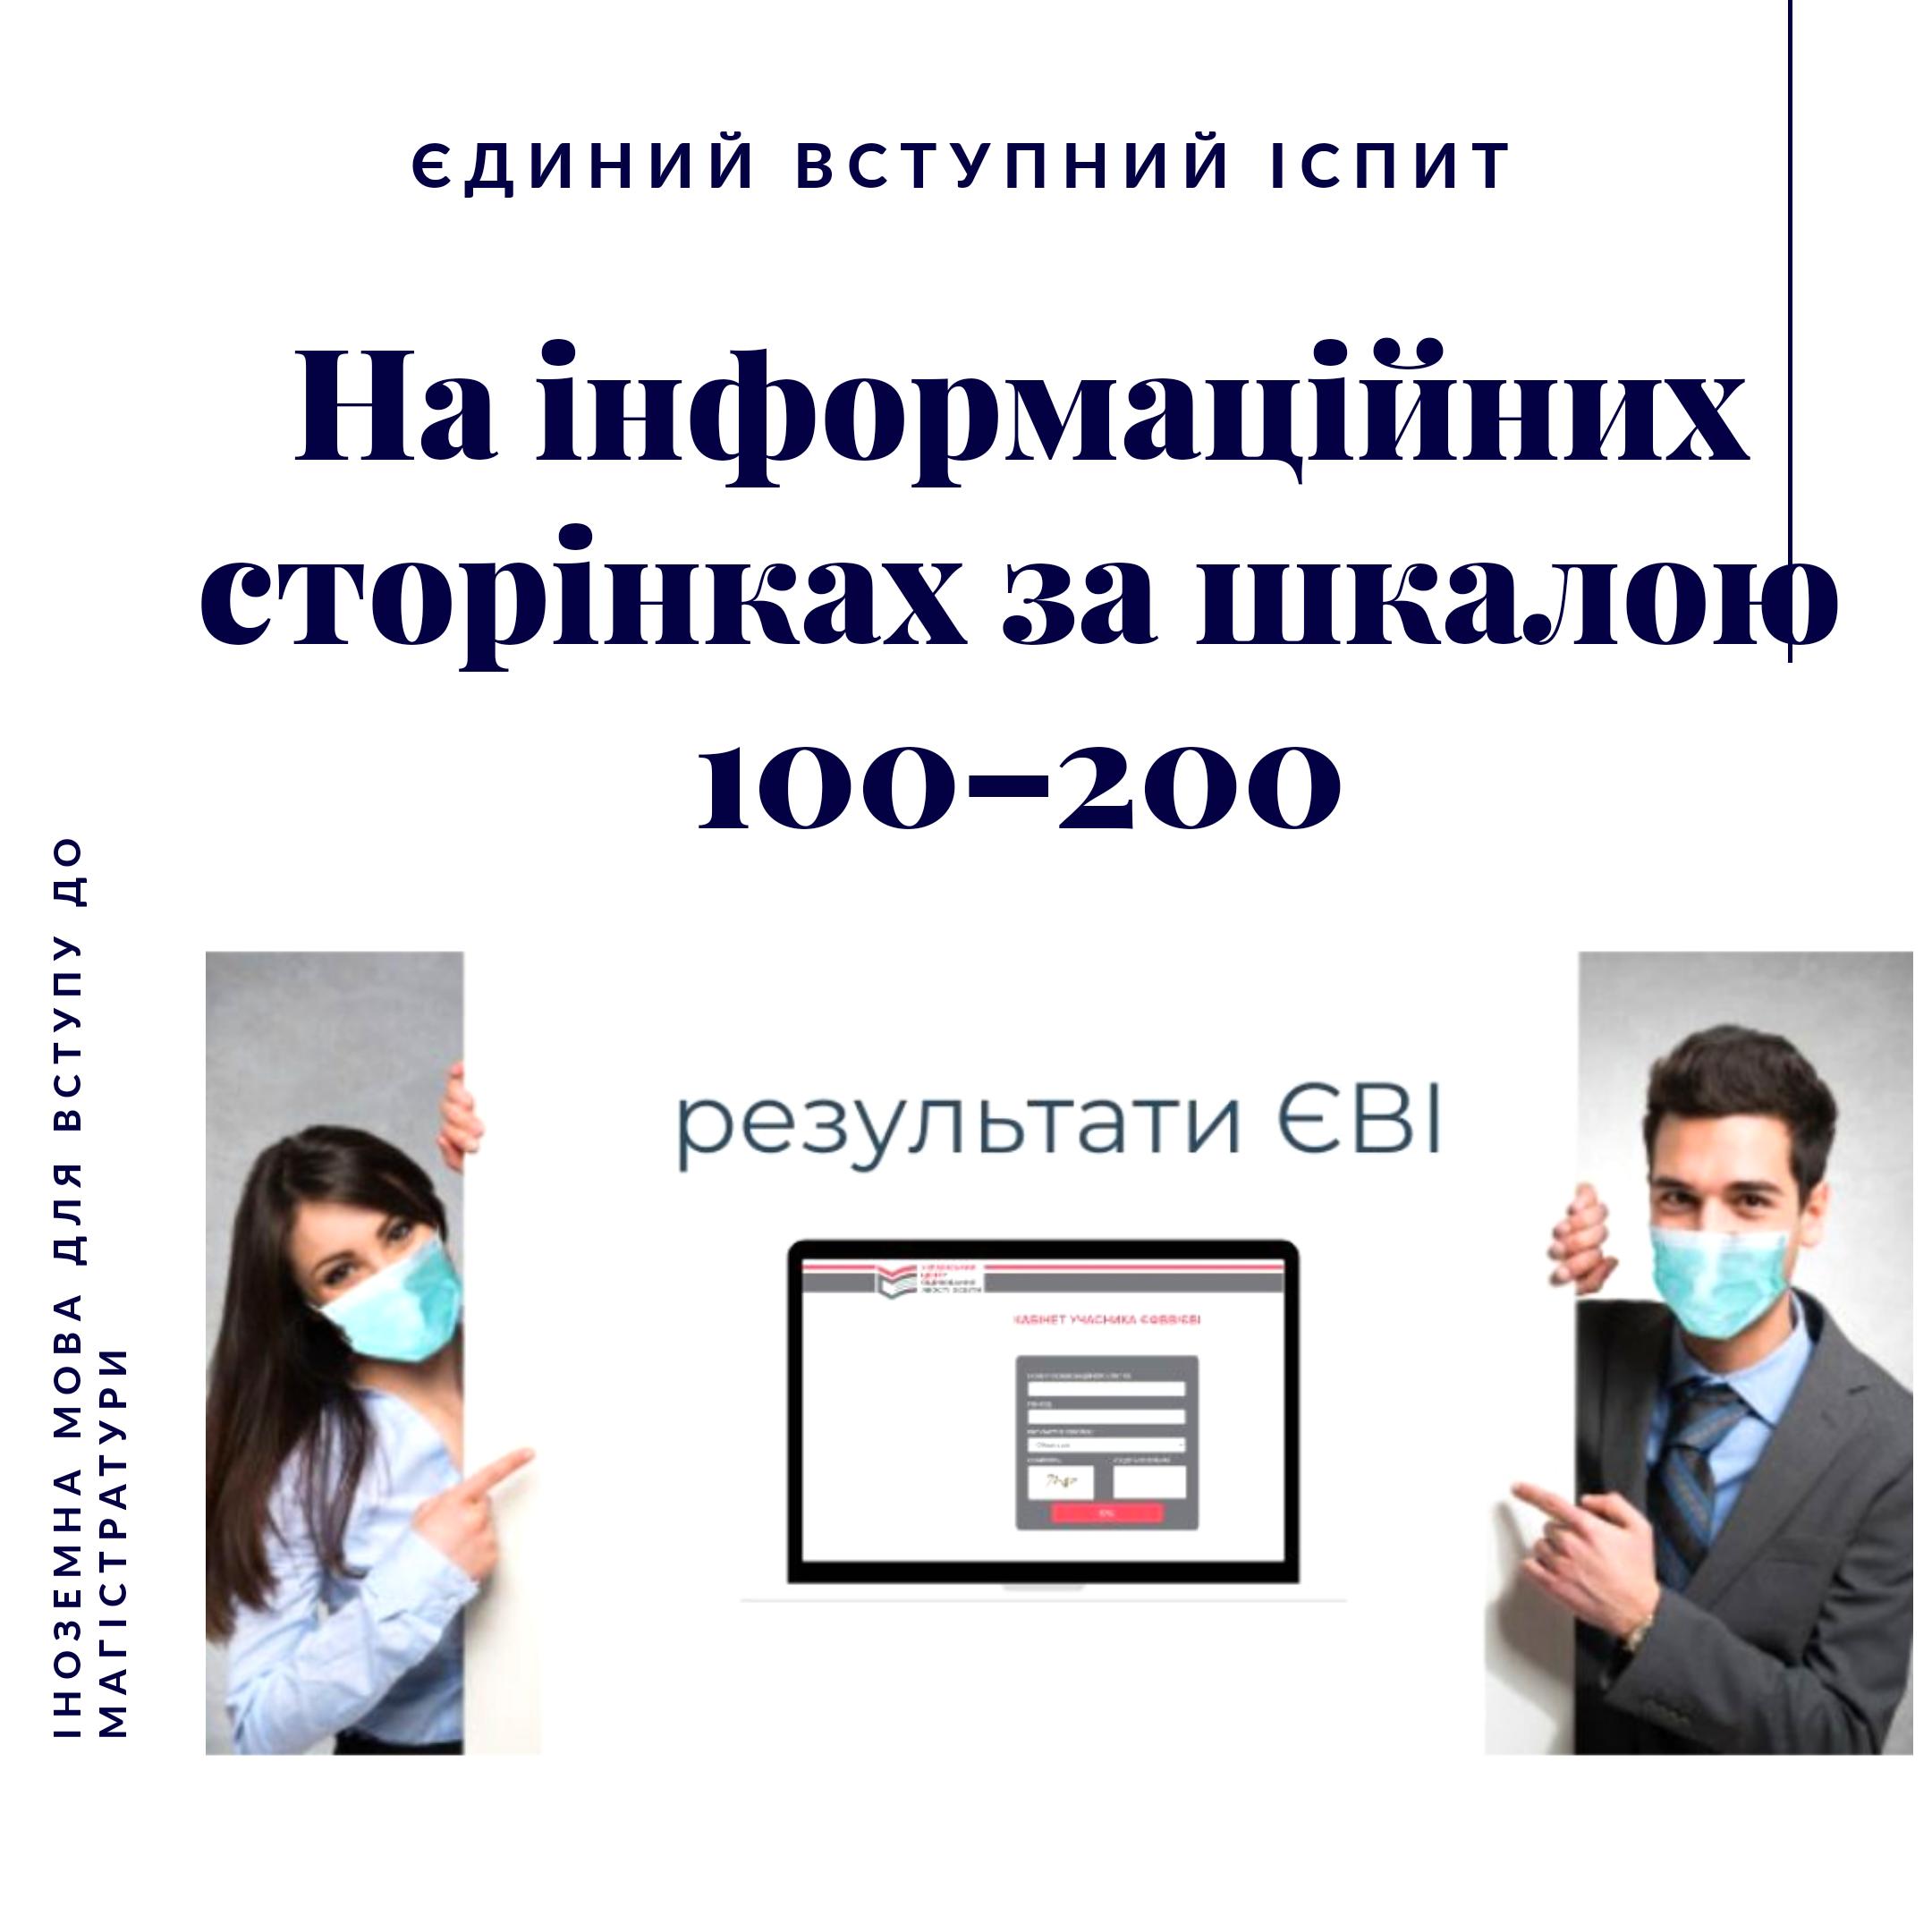 (Українська) Результати єдиного вступного іспиту з іноземних мов